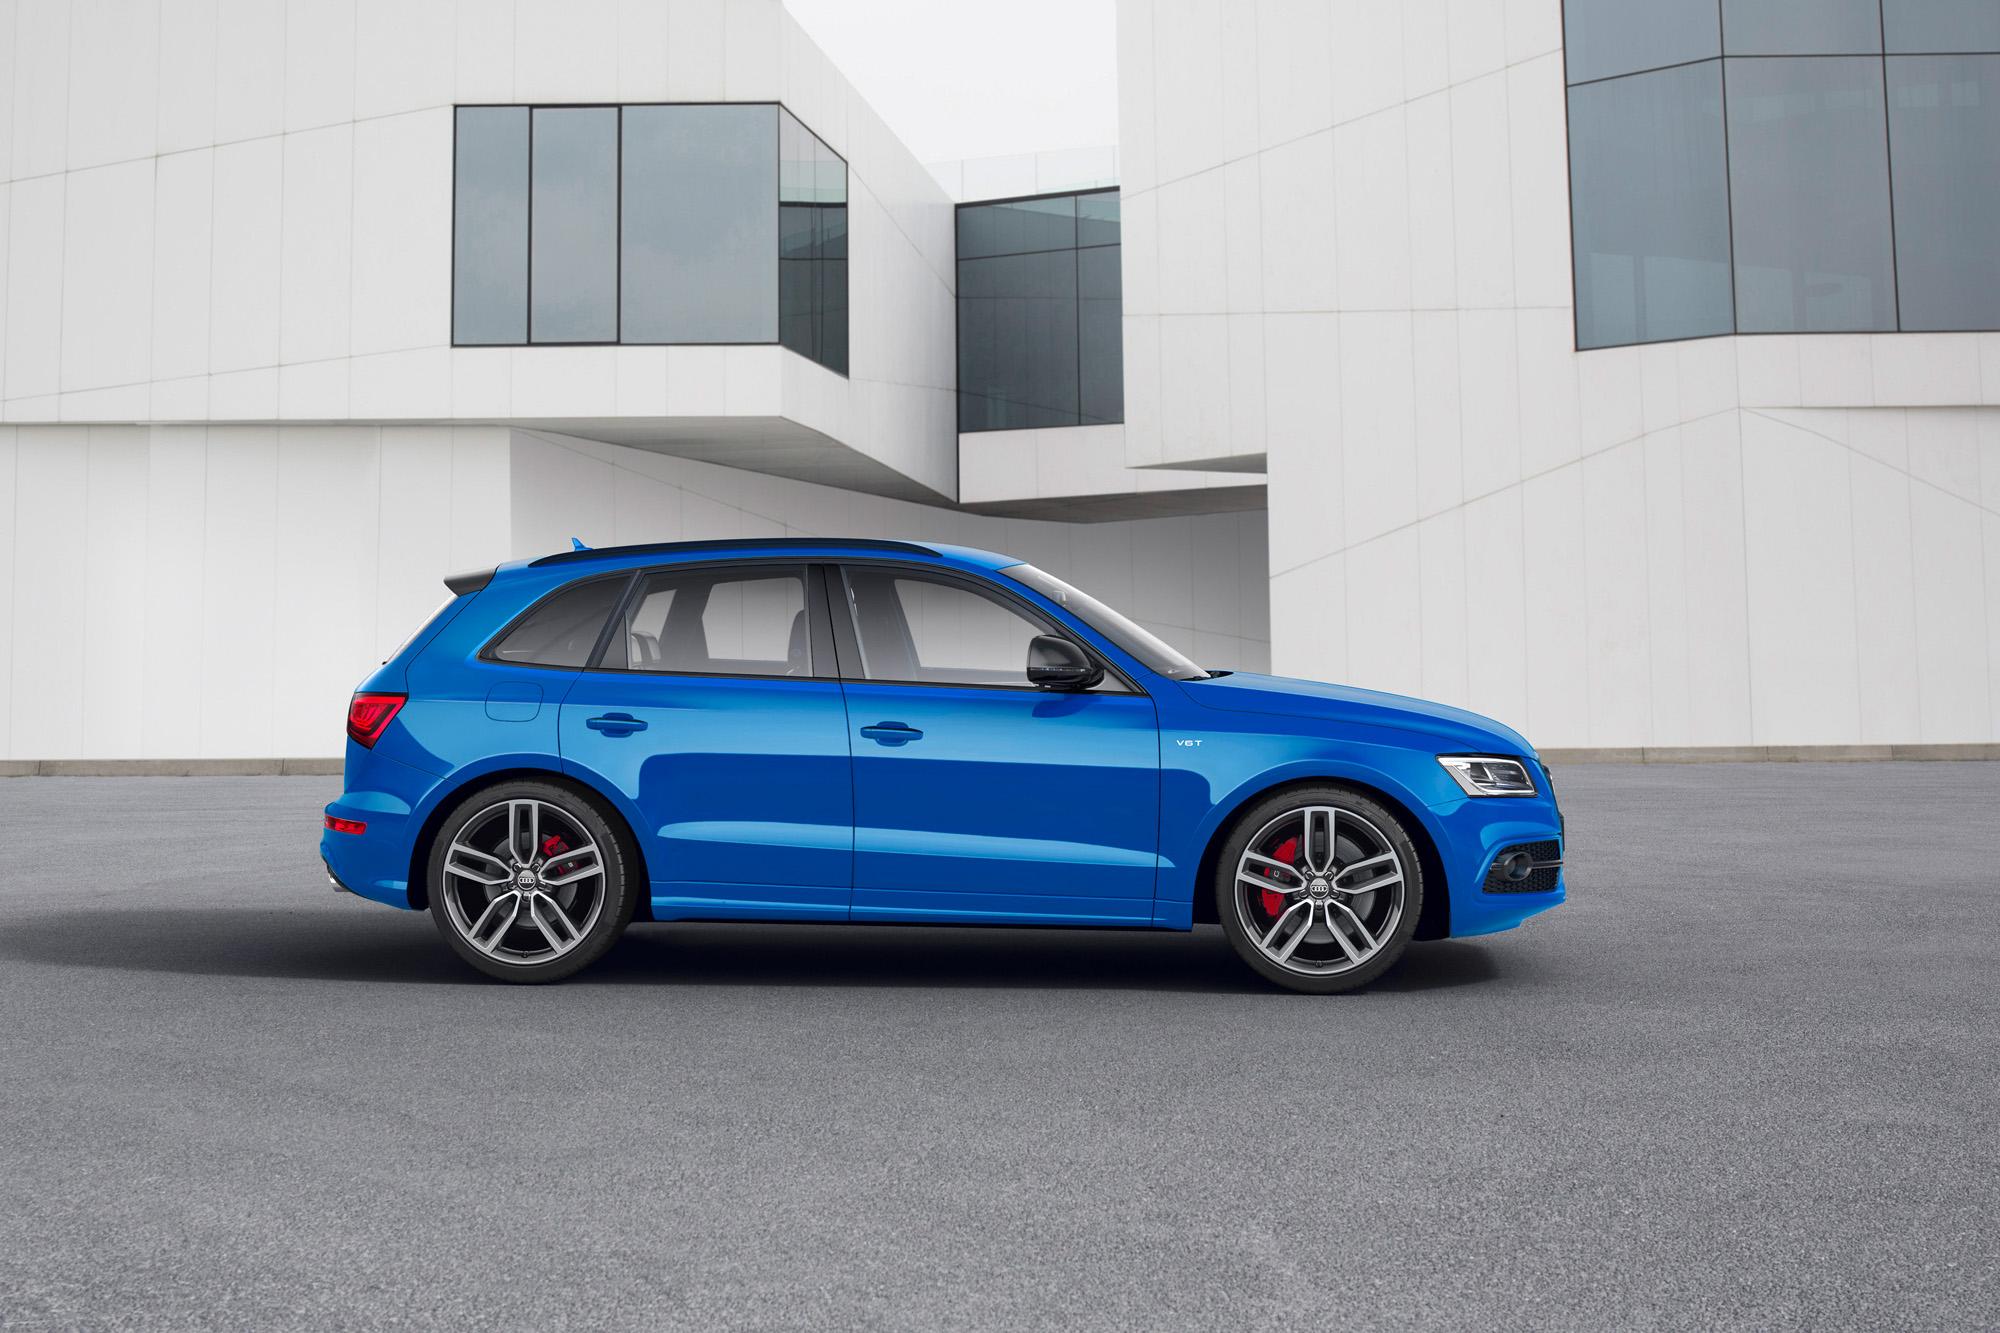 Die 5-Doppelspeichen-Räder erinnern schon an die Felgen des Audi RS 6.